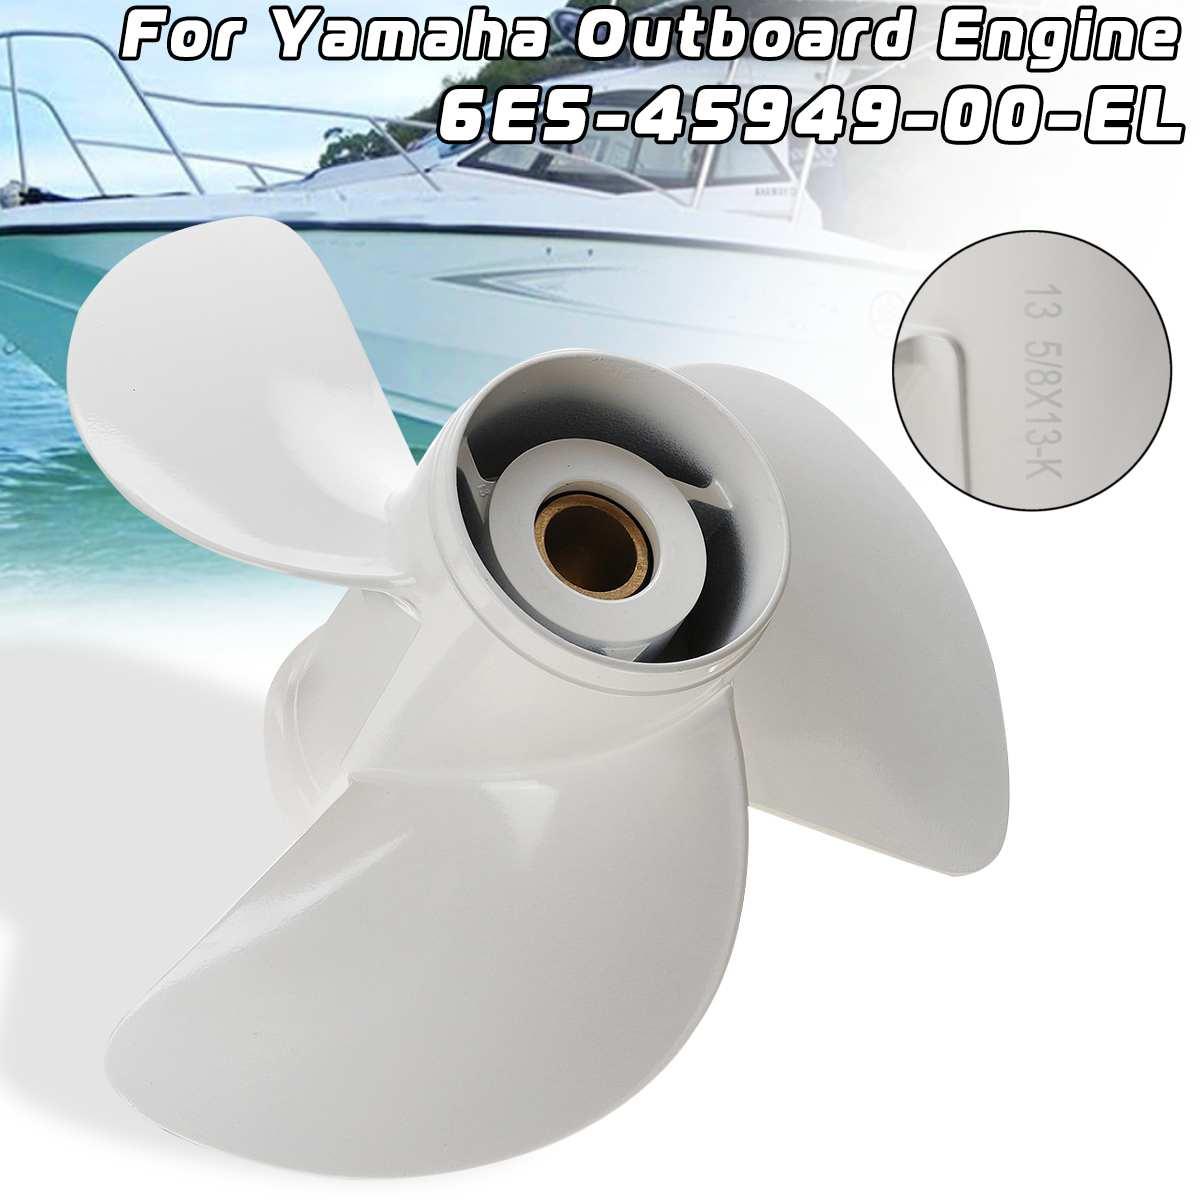 Fuoribordo Elica 6E5-45949-00-EL 13 5/8x13 Misura Per Yamaha 50-140HP 3 Lame R Rotazione In Lega di Alluminio 15 Spline Tooths